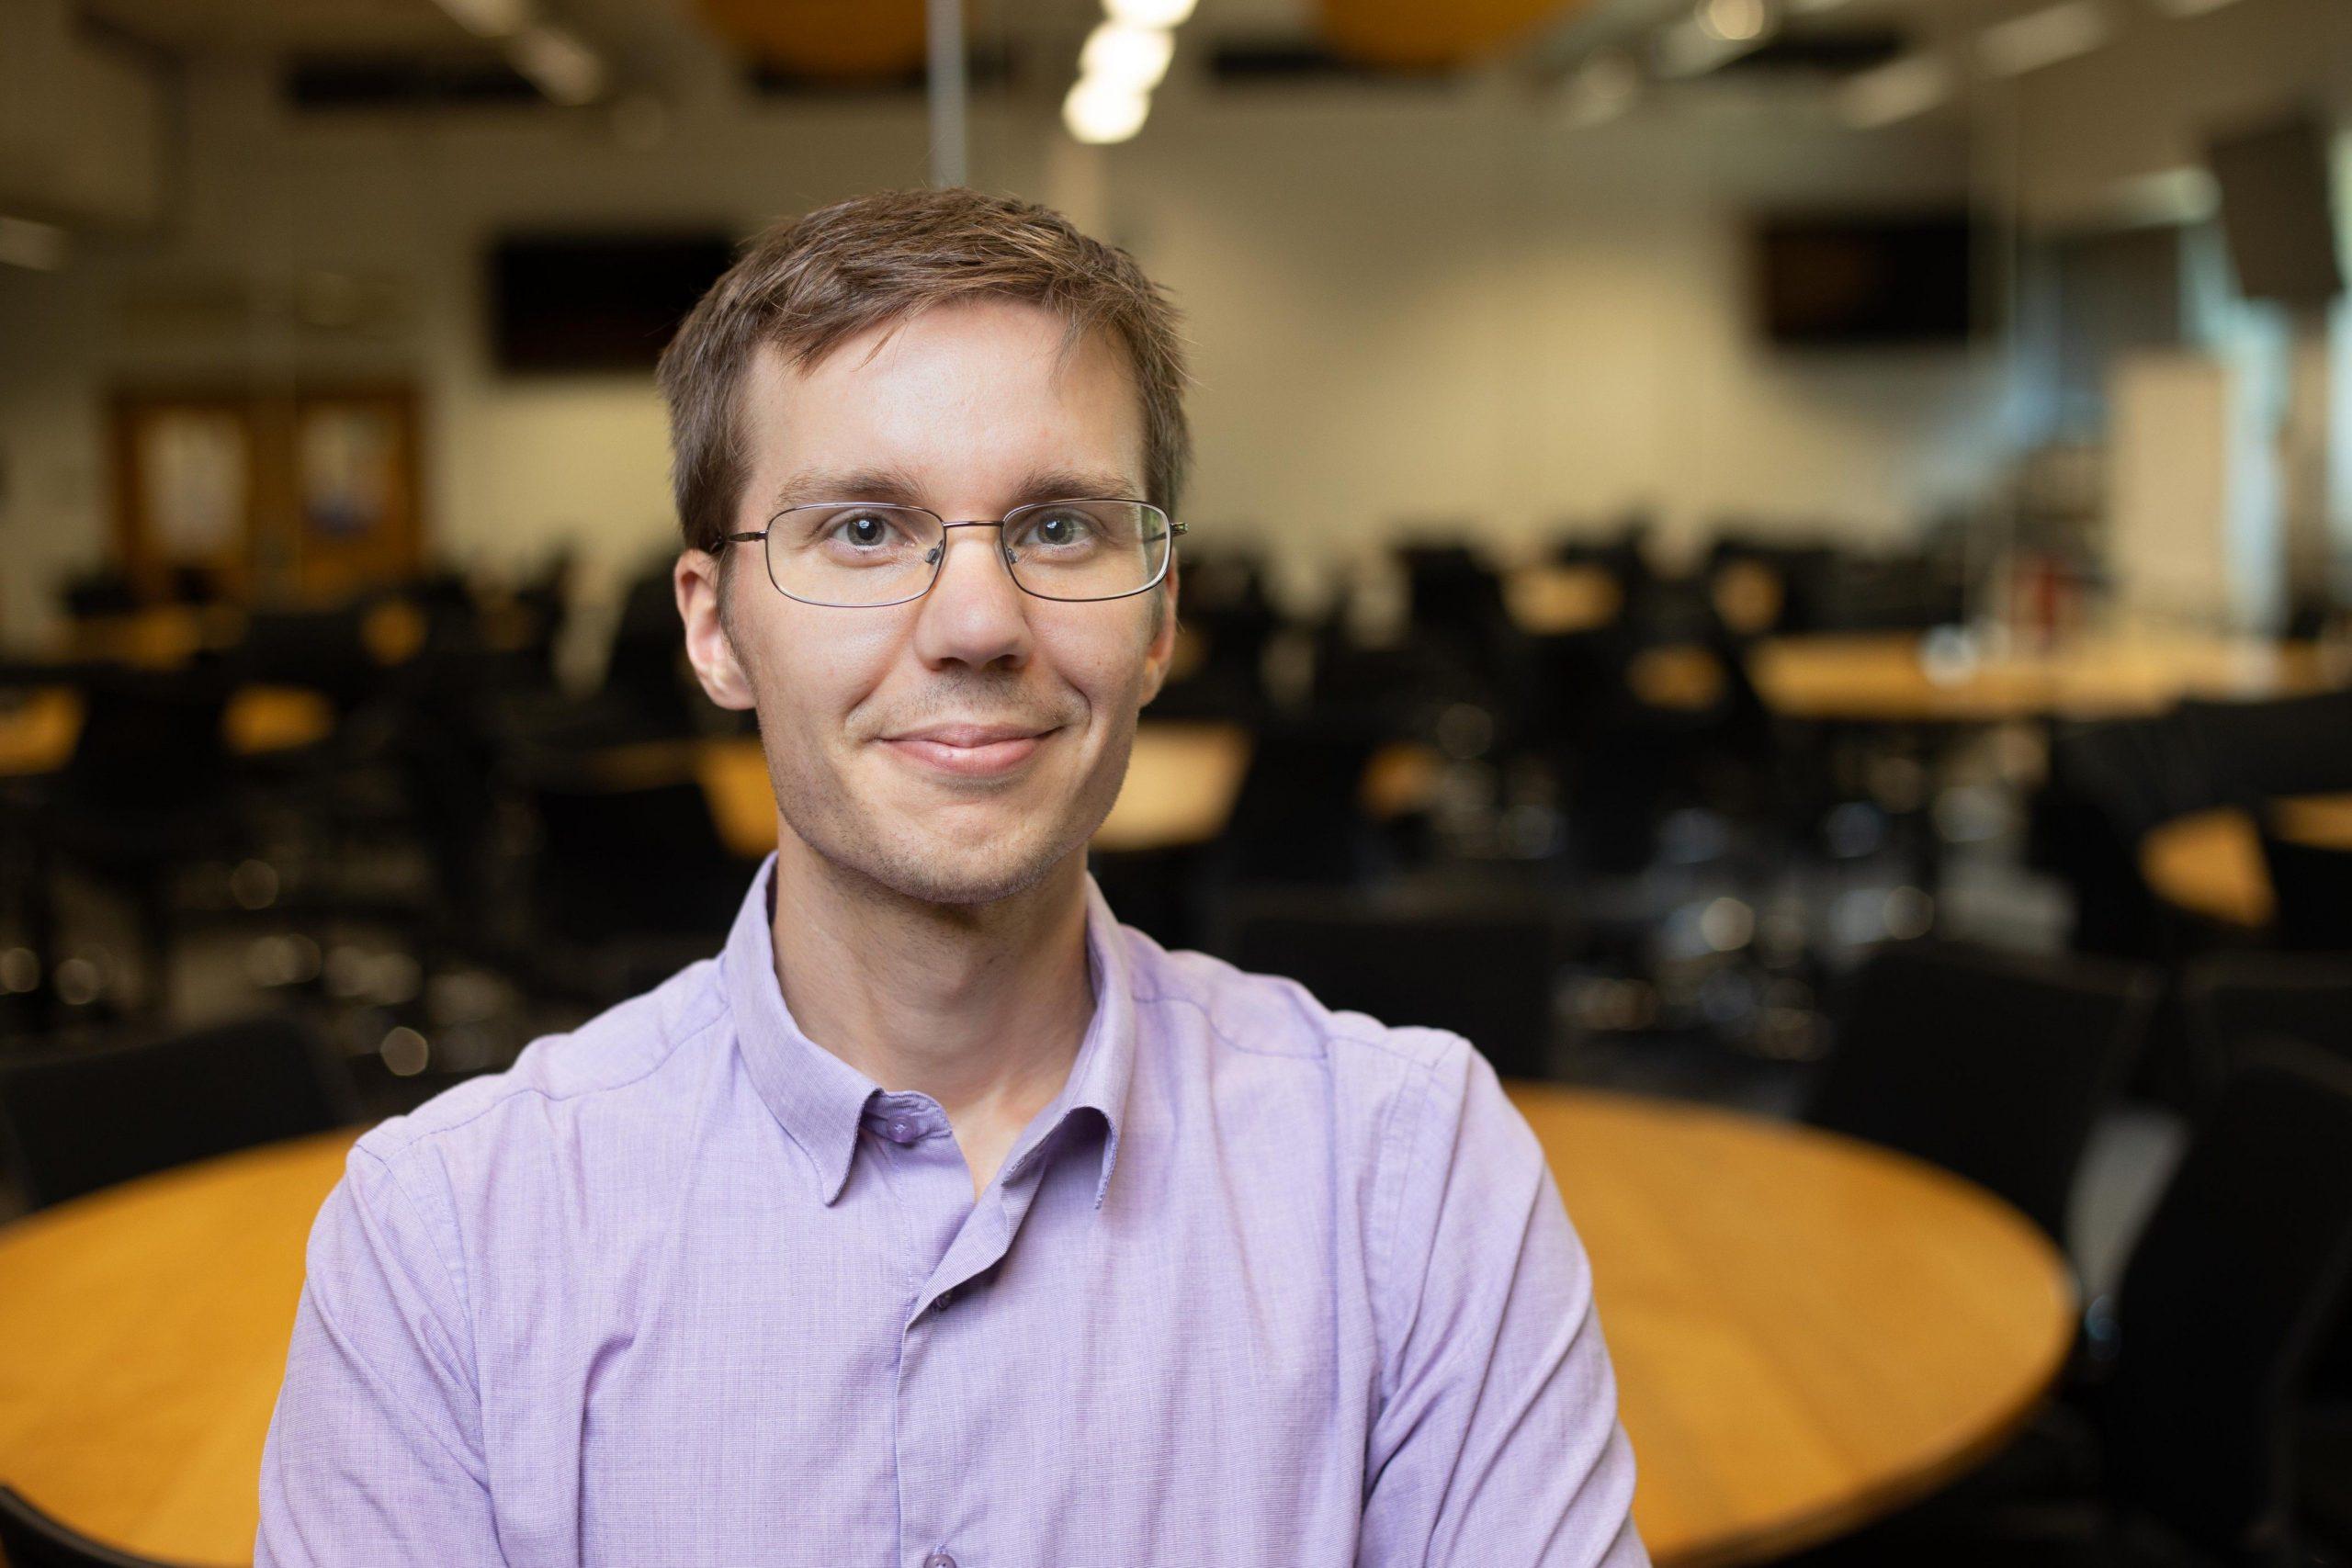 Image: MacDiarmid Emerging Scientist